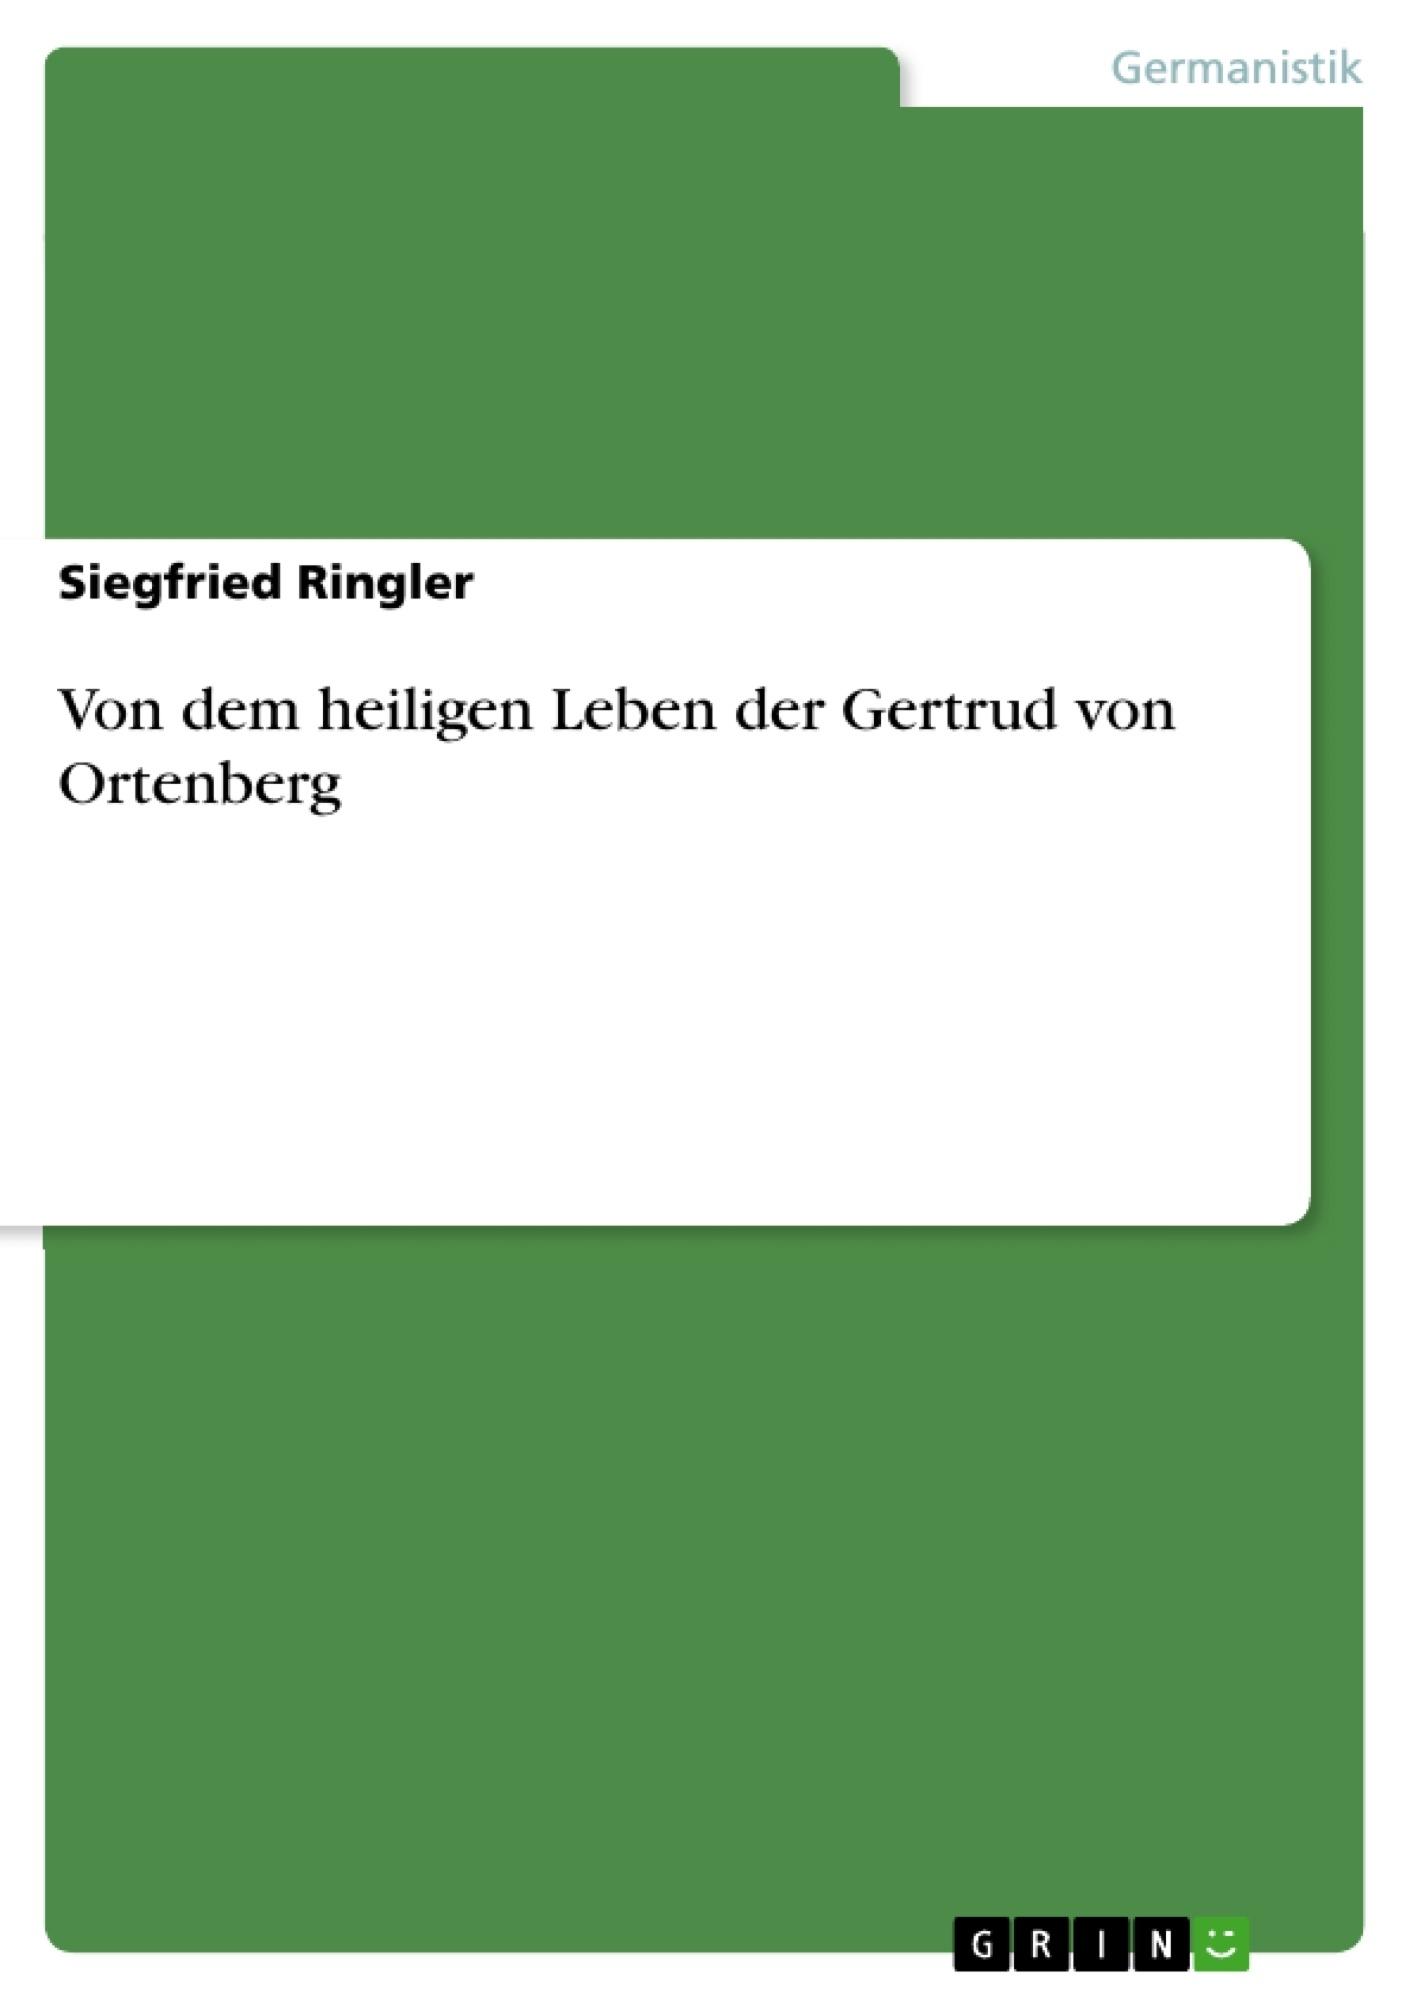 Titel: Von dem heiligen Leben der Gertrud von Ortenberg